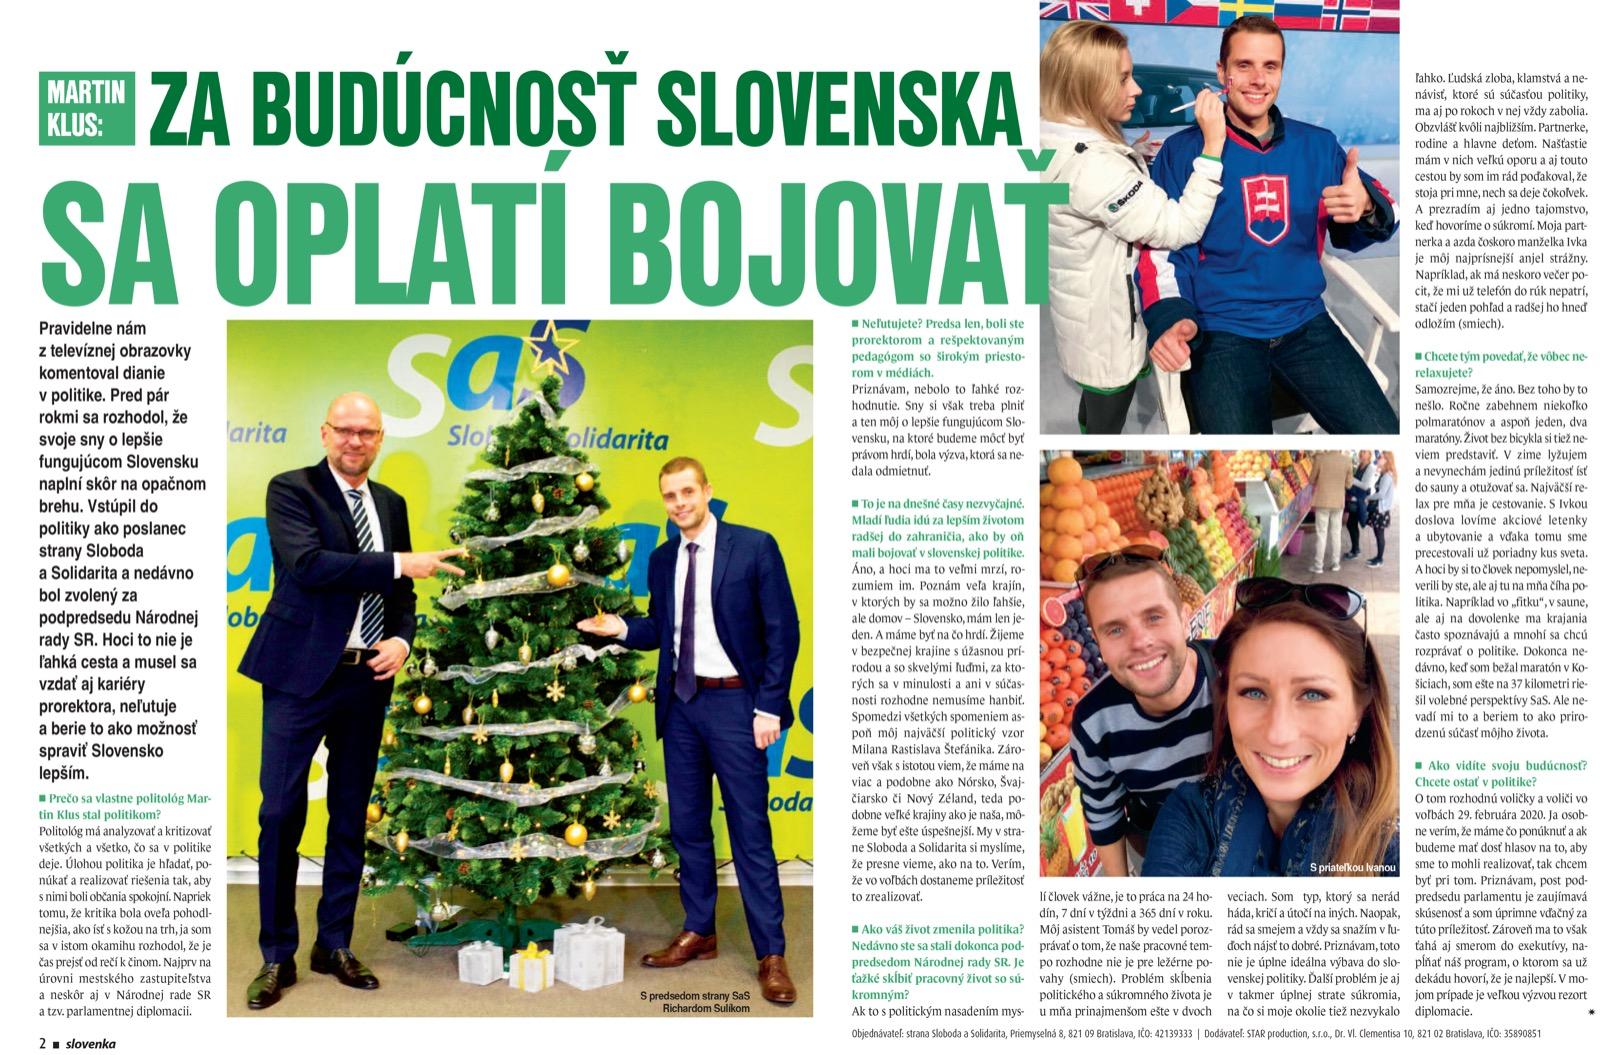 slovenka-martin-klus-za buducnost-slovenska-sa-oplati-bojovat